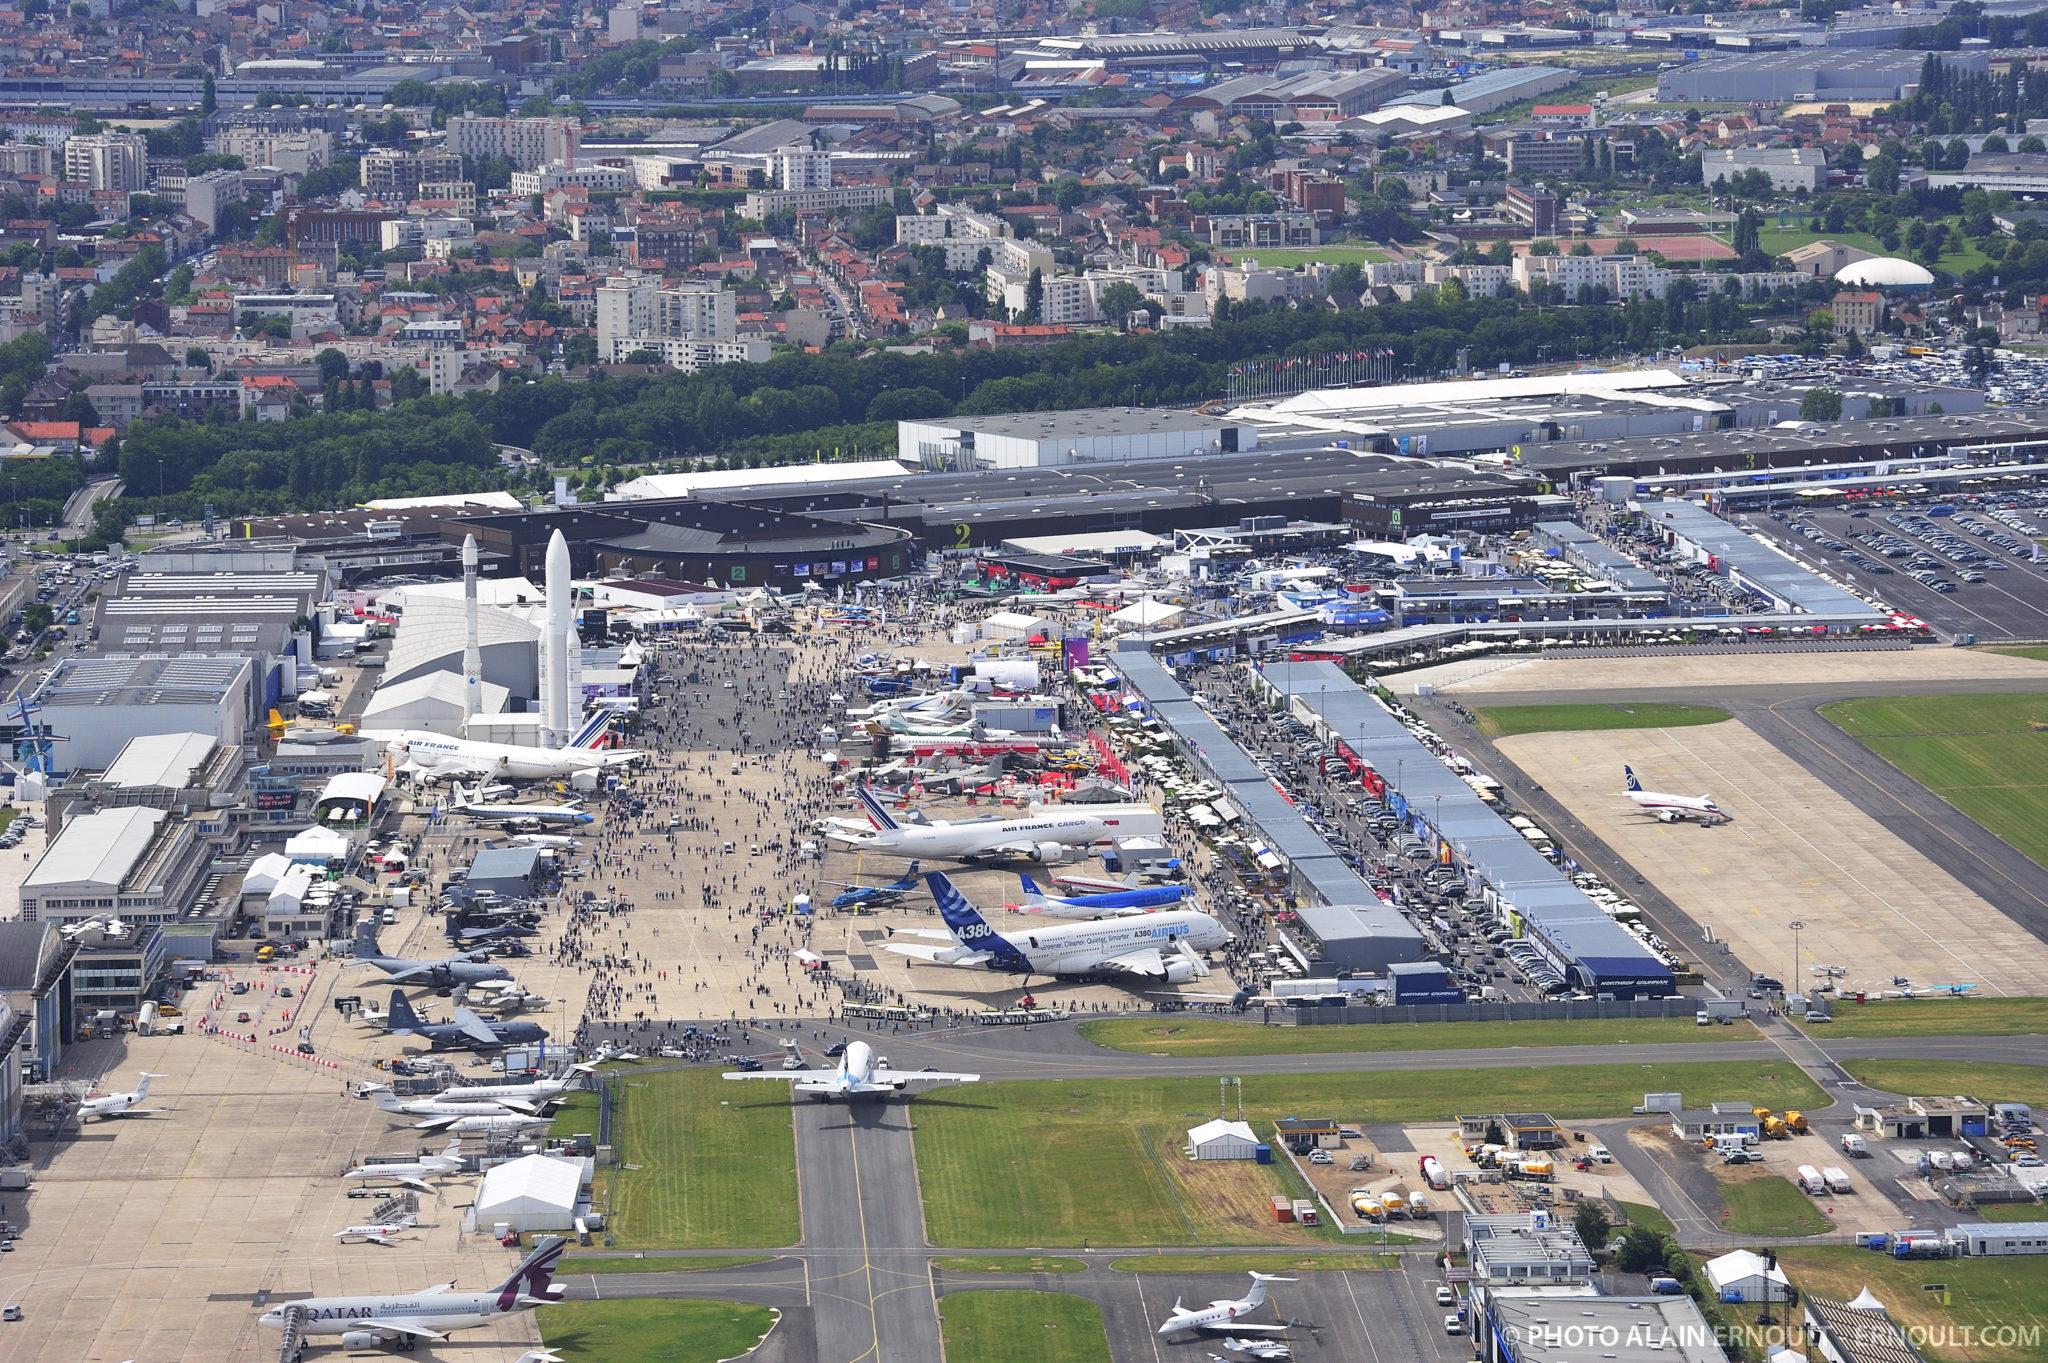 SALON DU BOURGET 2009 *** Local Caption *** THE PARIS AIRSHOW 2009